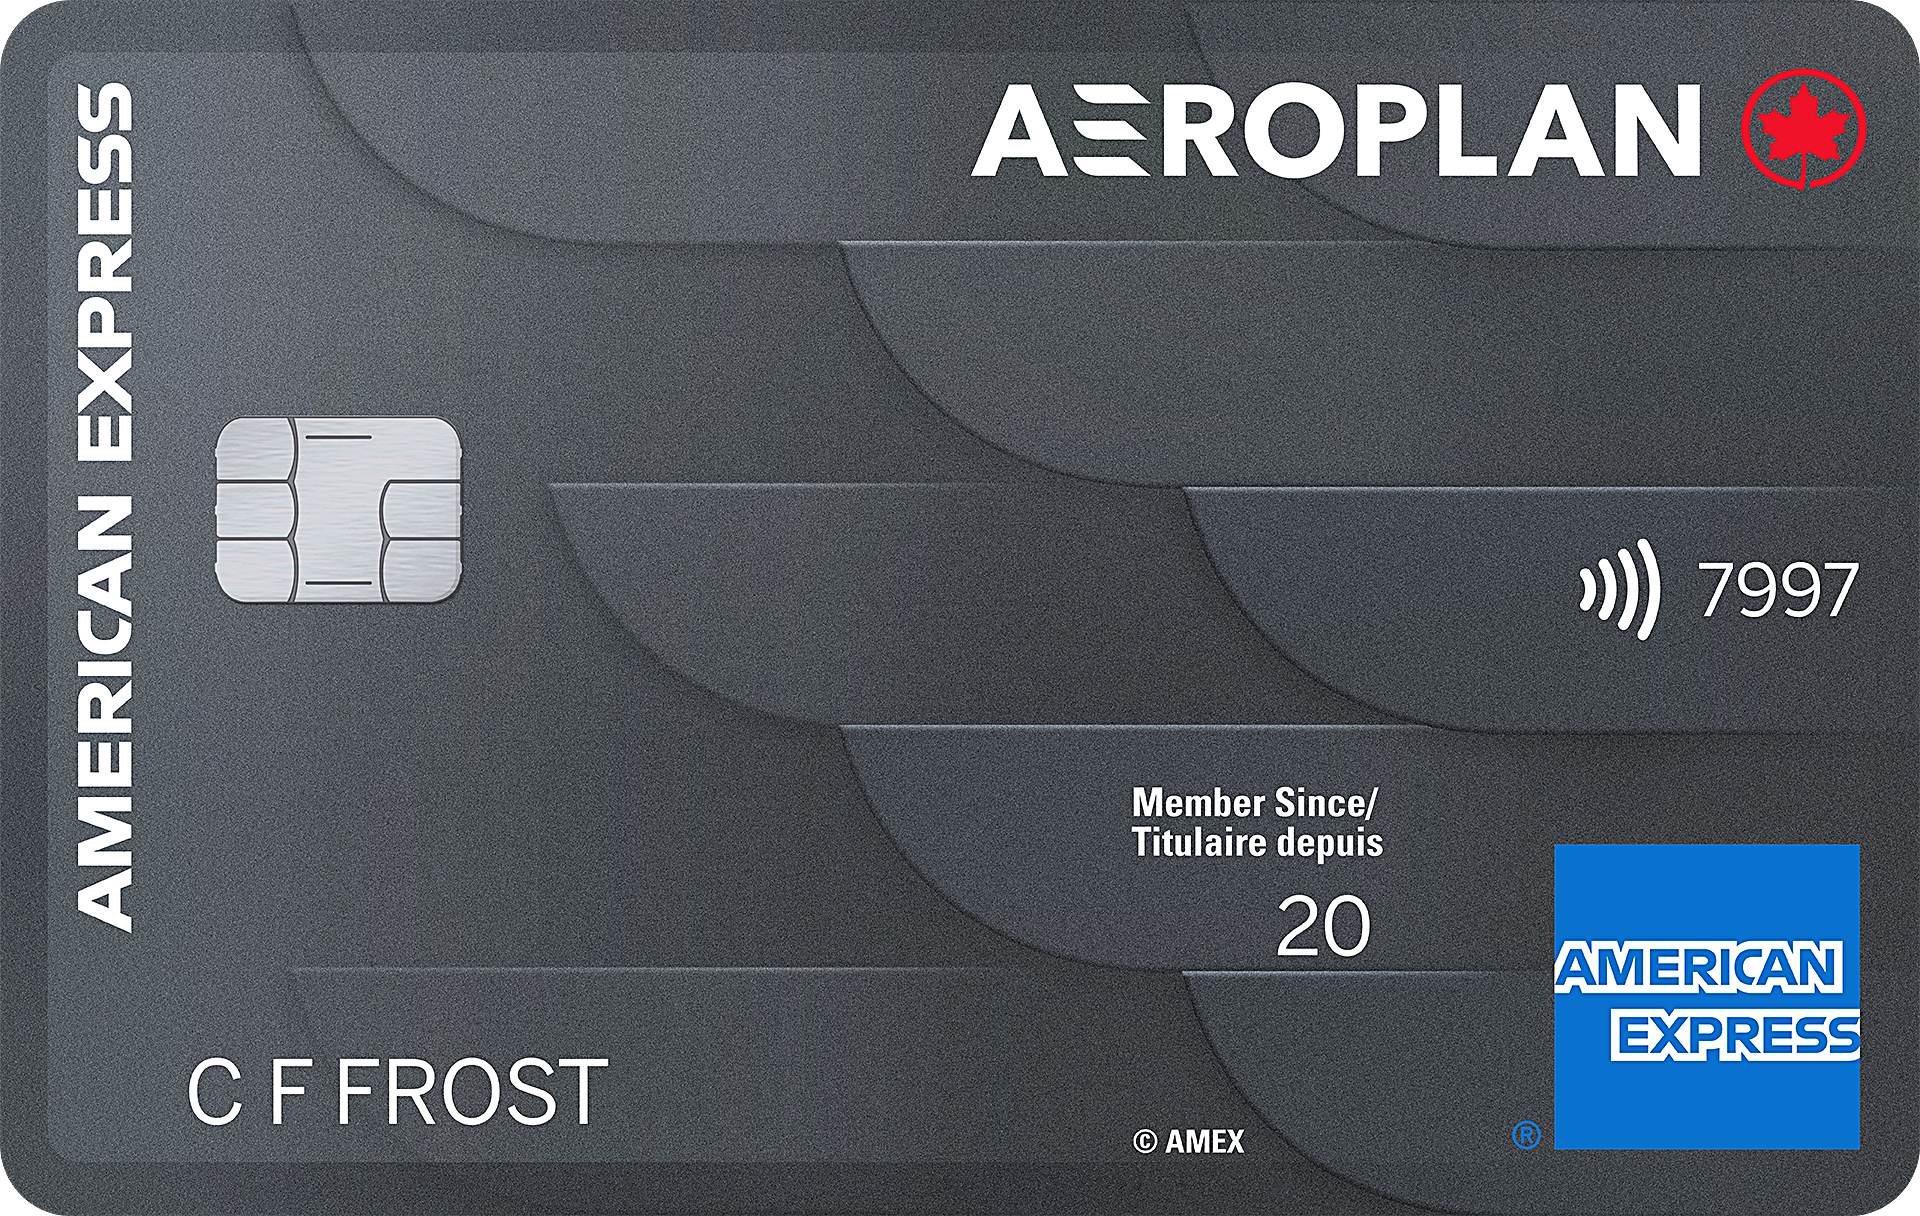 American Express Aeroplan Card